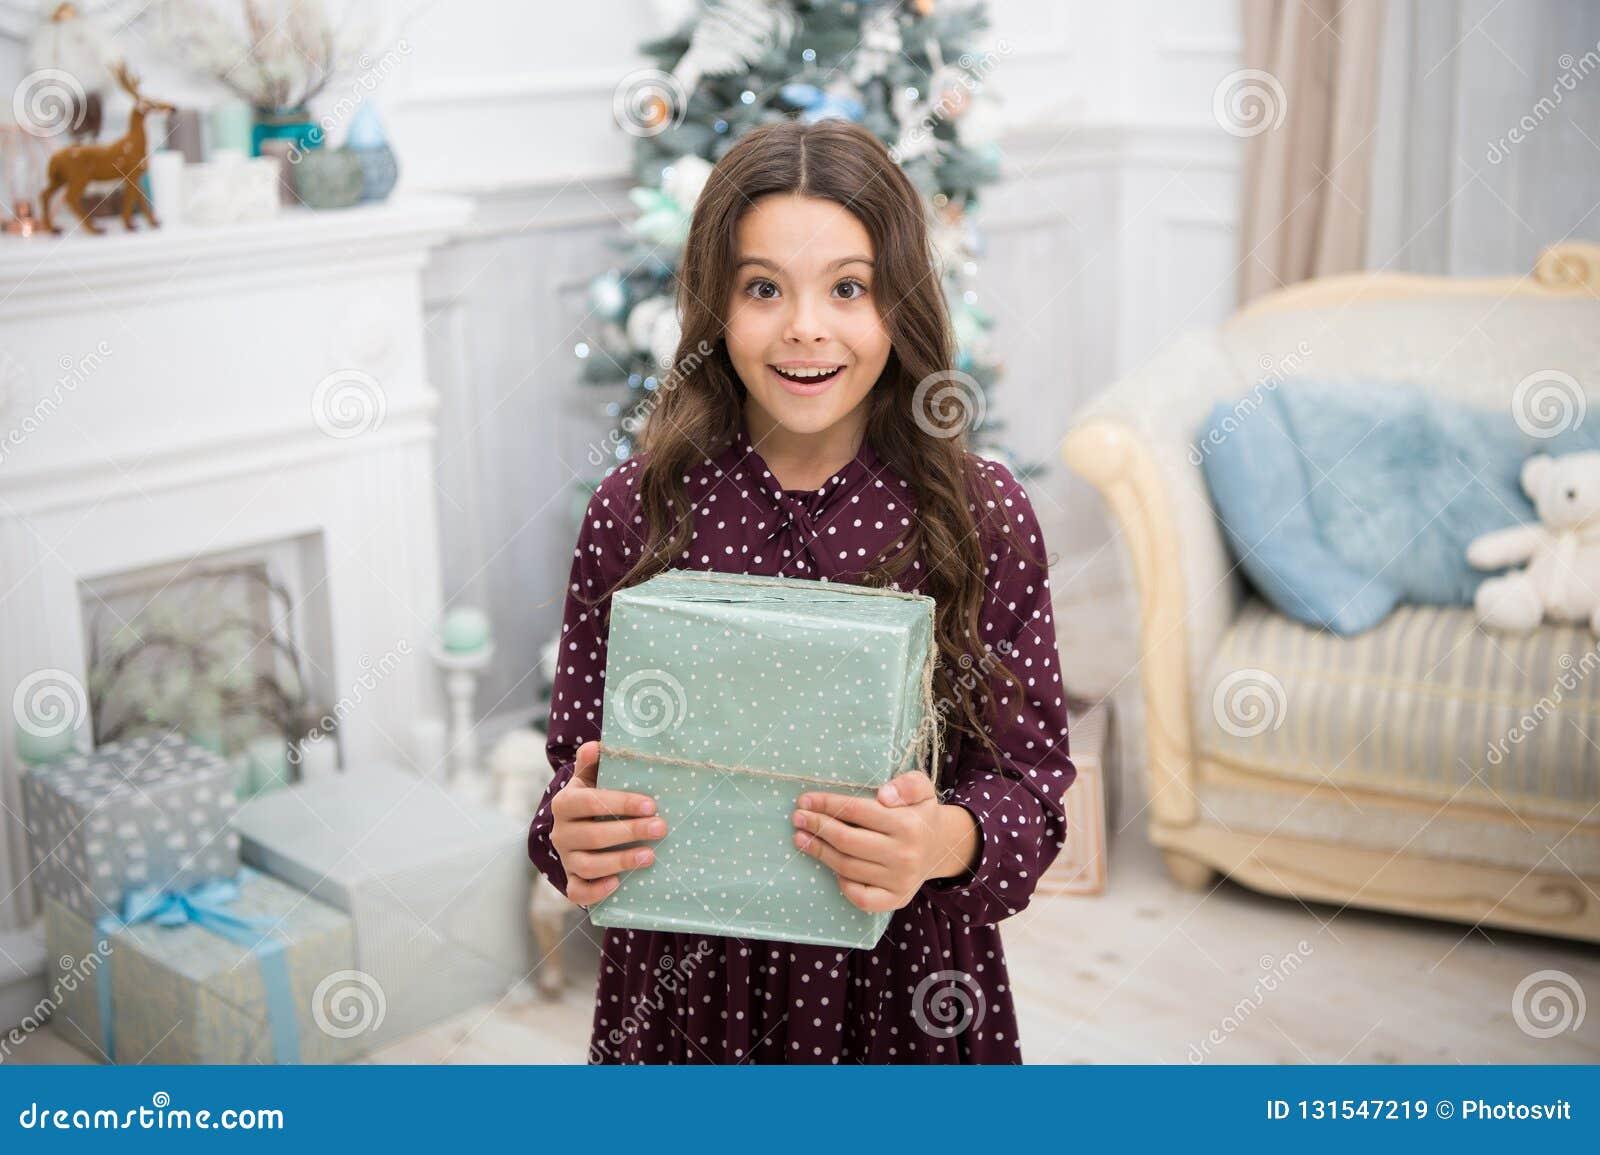 Λίγο κορίτσι παιδιών συμπαθεί τα Χριστούγεννα παρόντα καλή χρονιά μικρό ευτυχές κορίτσι στα Χριστούγεννα Χριστούγεννα Το παιδί απ